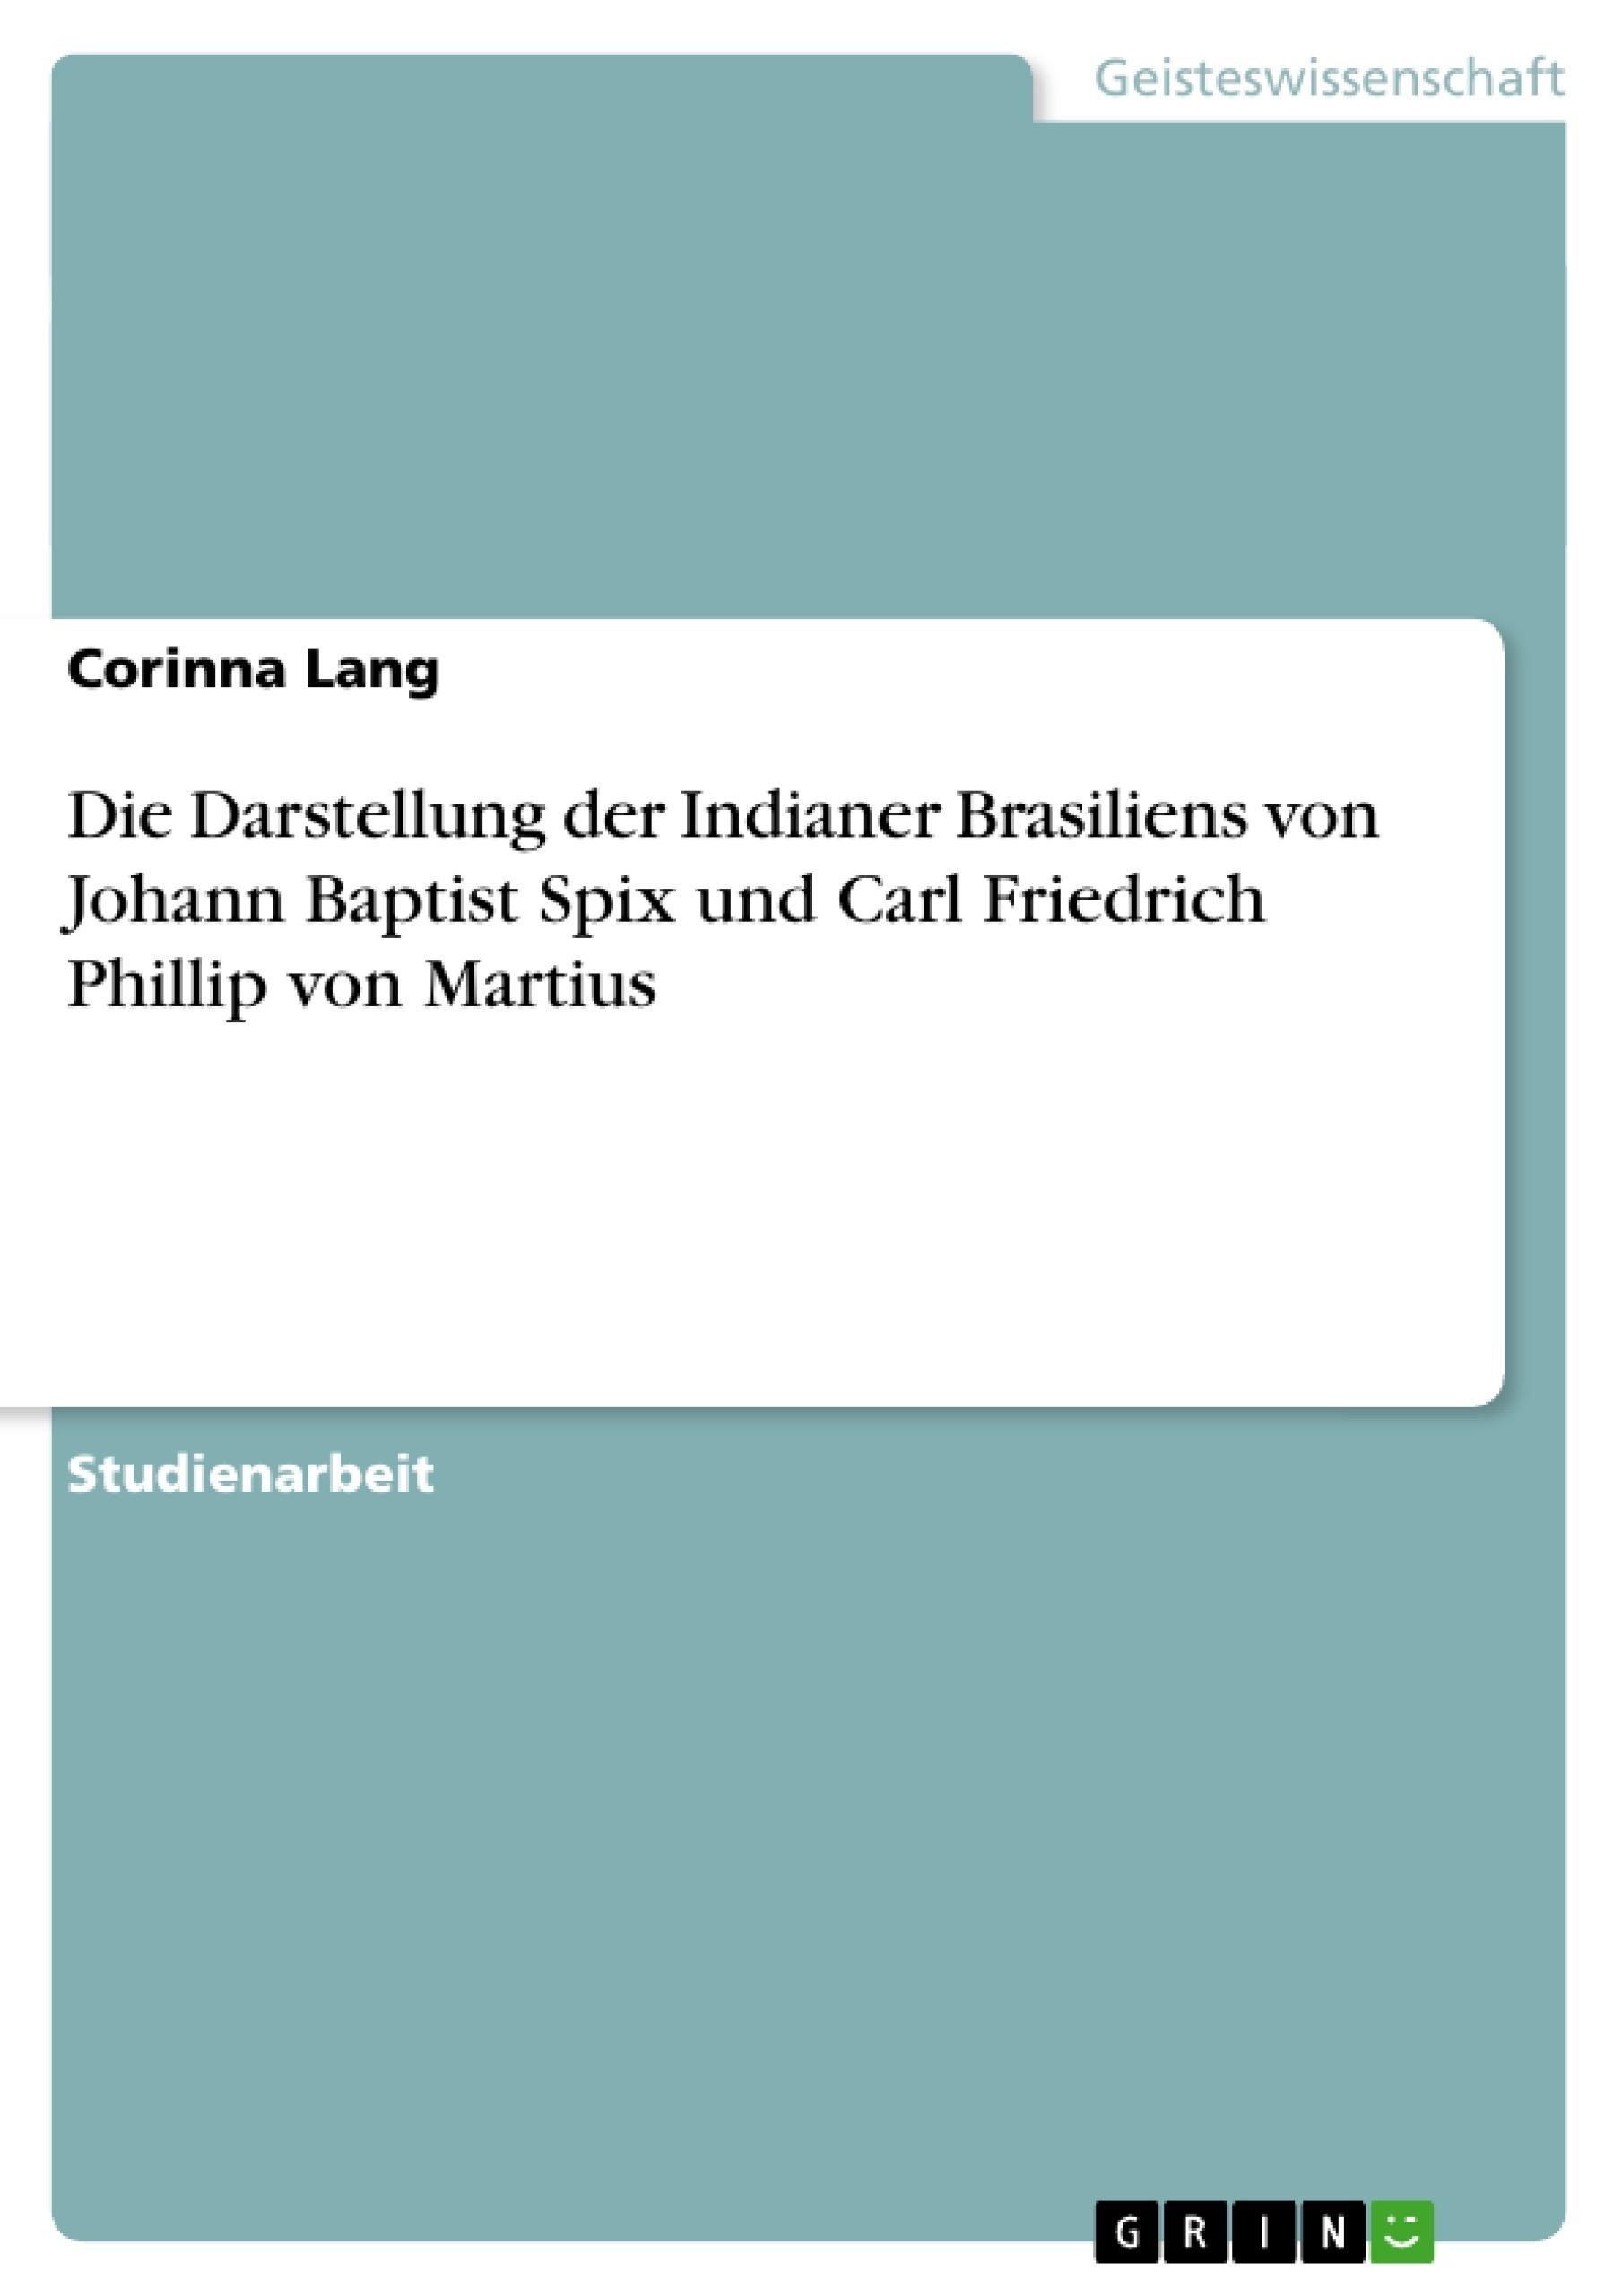 Titel: Die Darstellung der Indianer Brasiliens von Johann Baptist Spix und Carl Friedrich Phillip von Martius